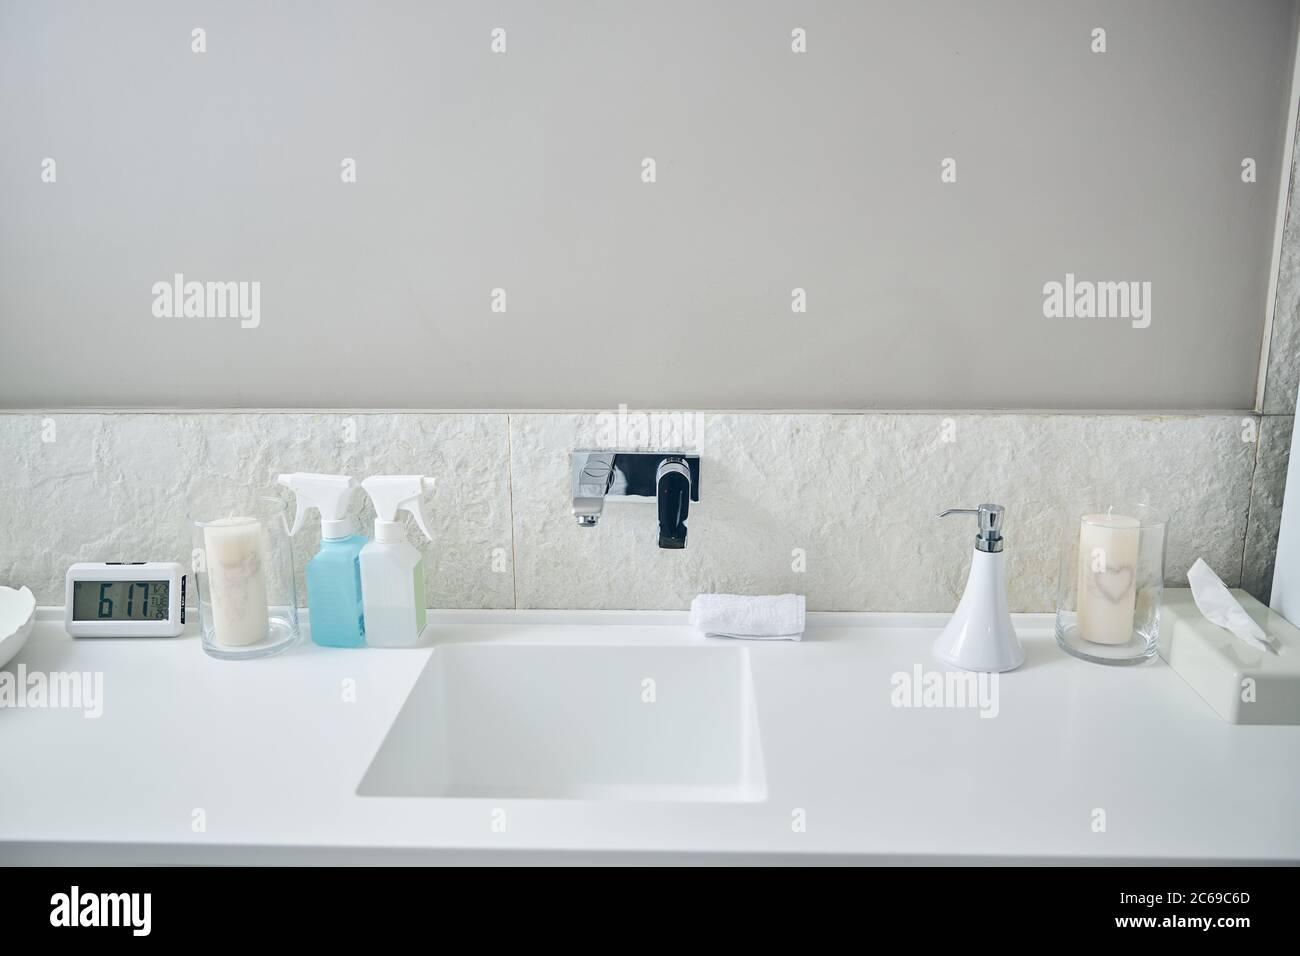 Badezimmer Uhr Stockfotos und -bilder Kaufen - Alamy